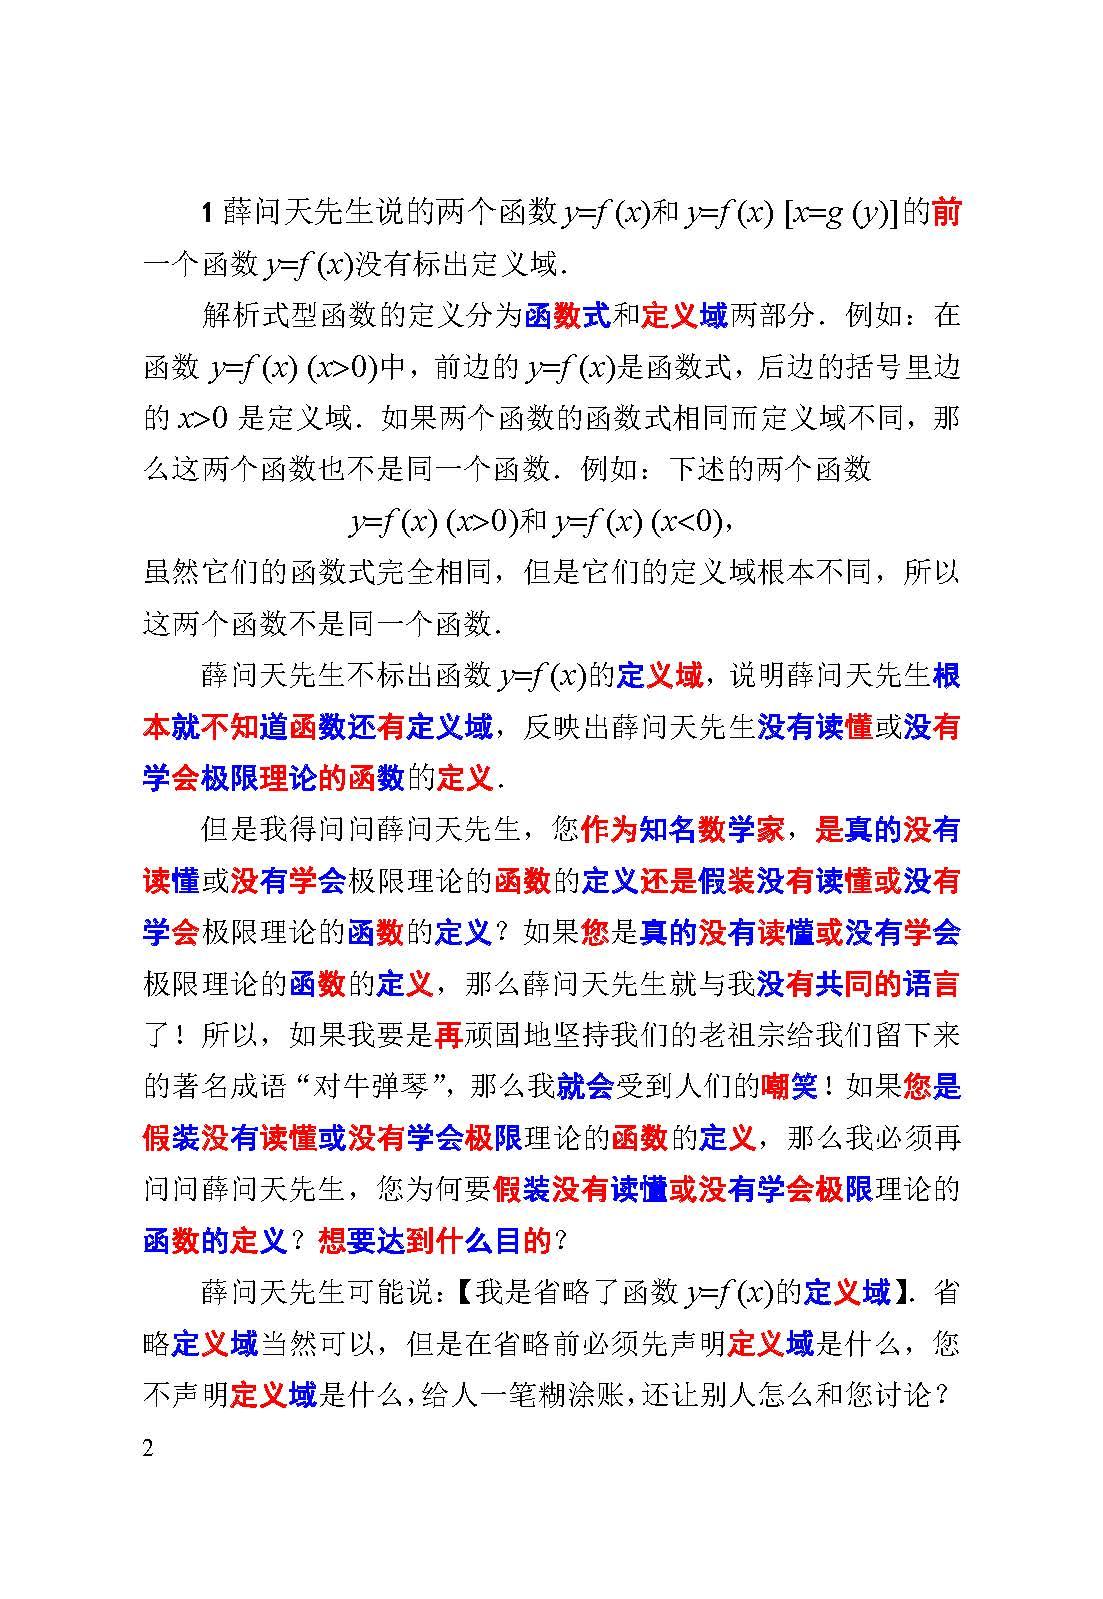 评薛问天先生的文章0366_页面_02.jpg